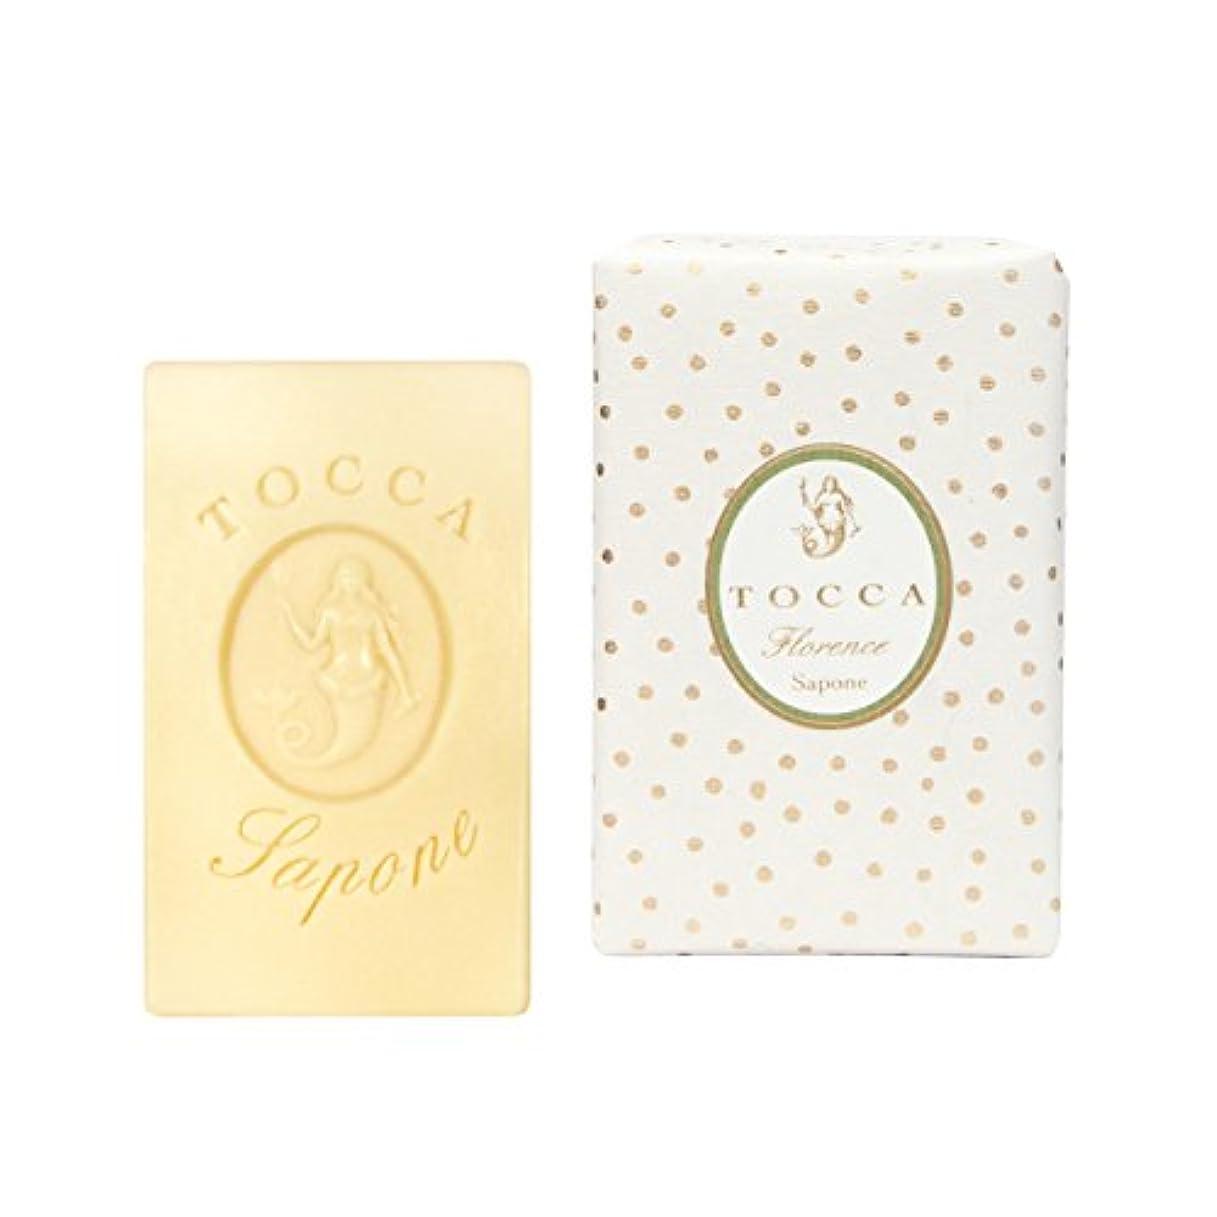 クリープ素朴なボイラートッカ(TOCCA) ソープバーフローレンスの香り 113g(石けん 化粧石けん ガーデニアとベルガモットが誘うように溶け合うどこまでも上品なフローラルの香り)